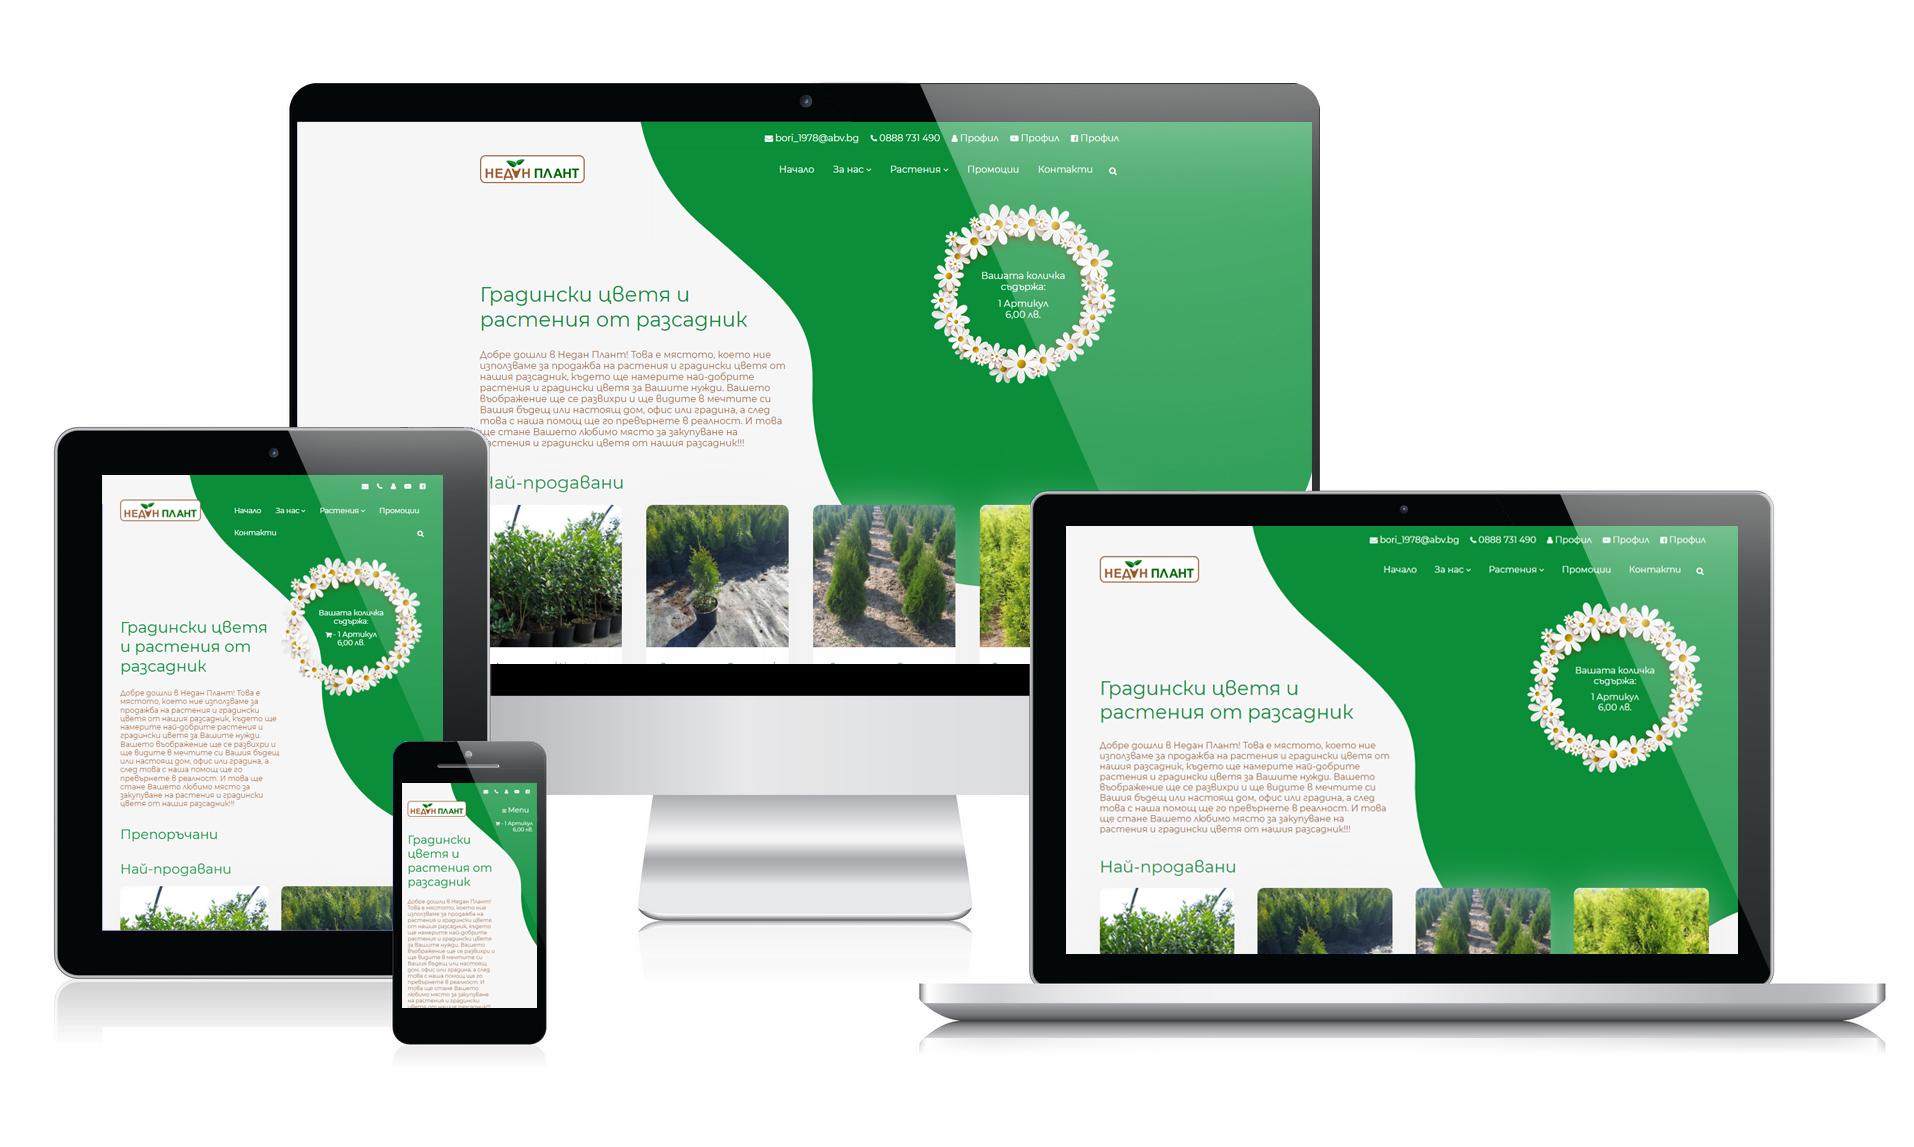 Редизайн на електронен магазин за продажба на растения от разсадник